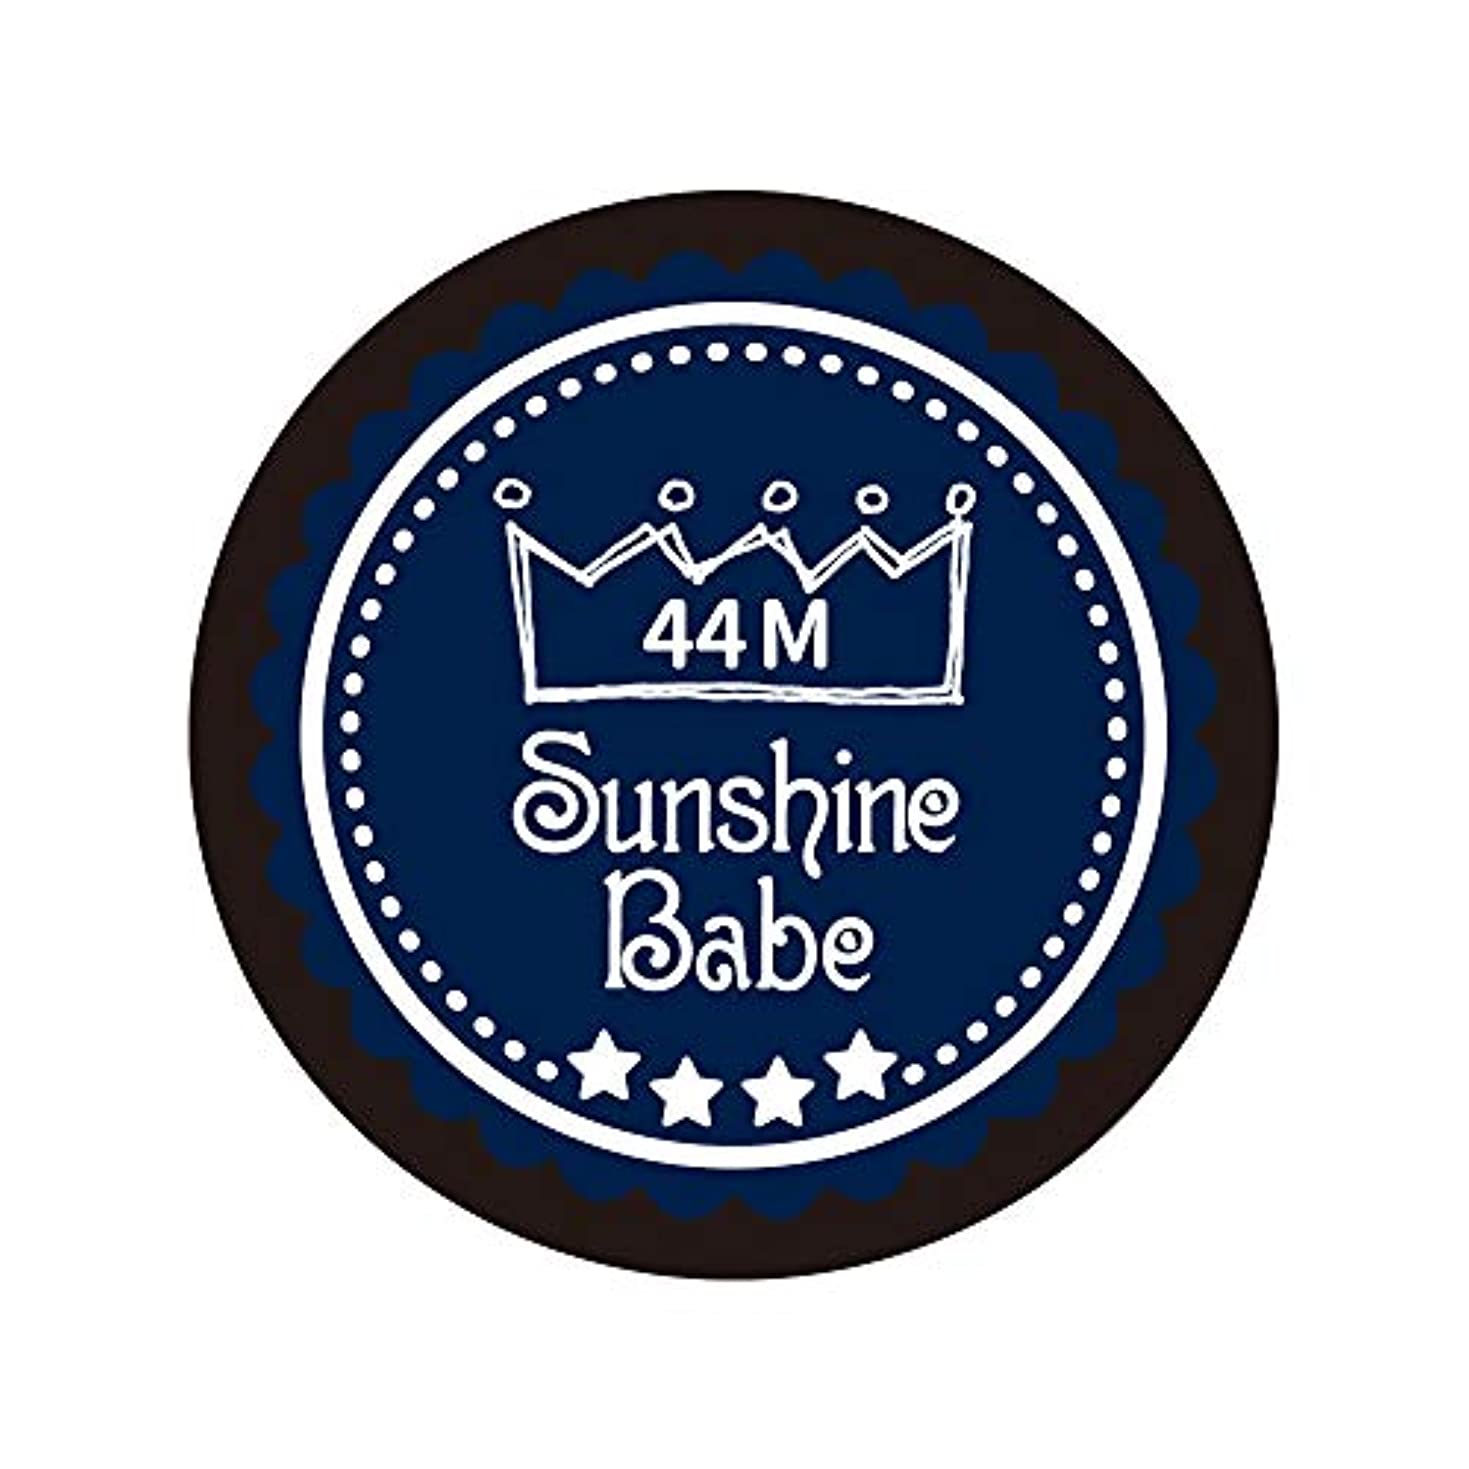 マインドフル墓余計なSunshine Babe カラージェル 44M クラシックネイビー 2.7g UV/LED対応